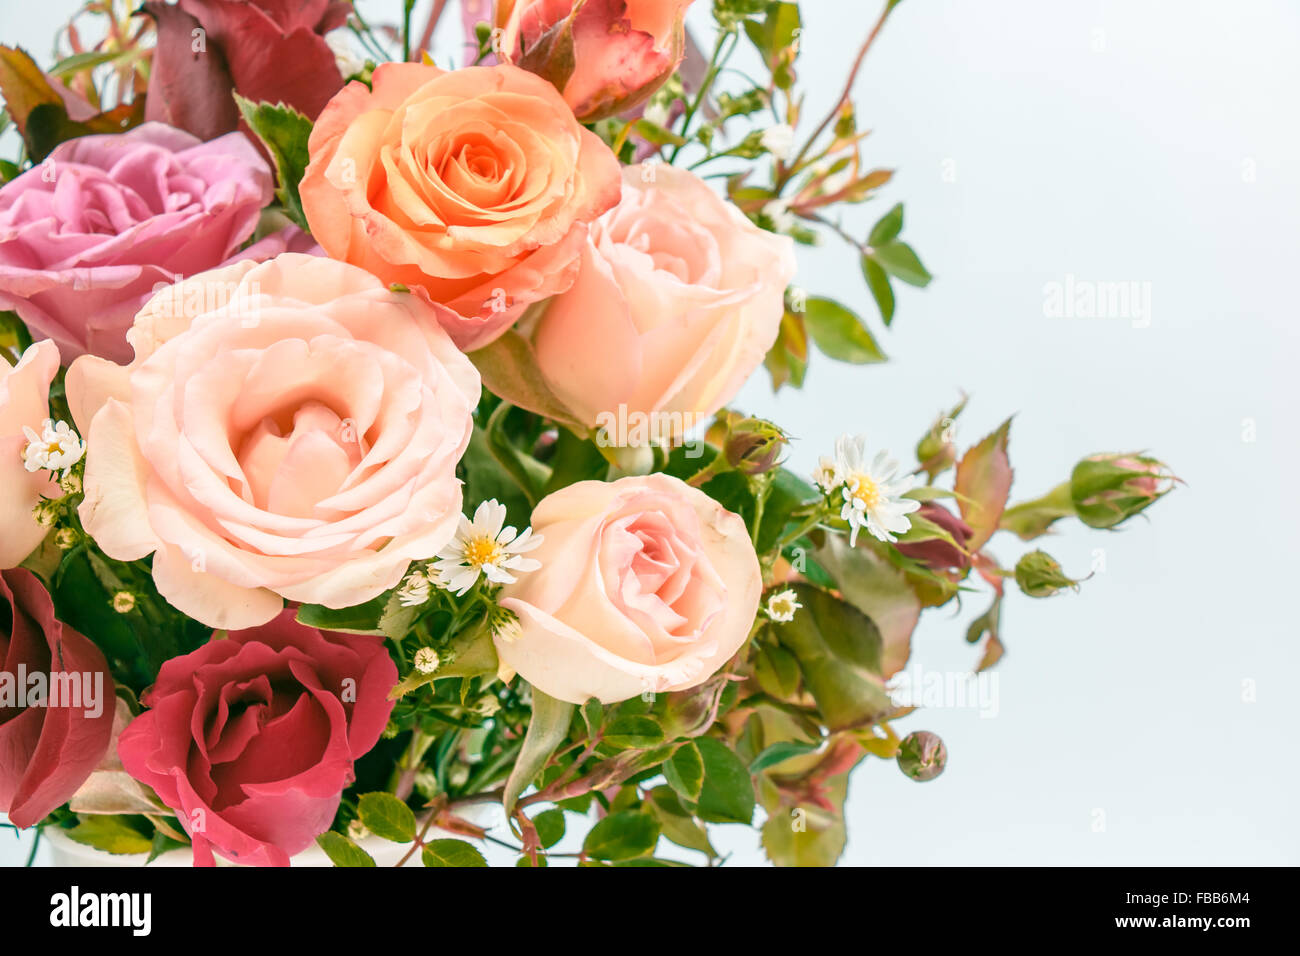 Vase of roses bouquet on white background set of beautiful flower vase of roses bouquet on white background set of beautiful flower valentine concept izmirmasajfo